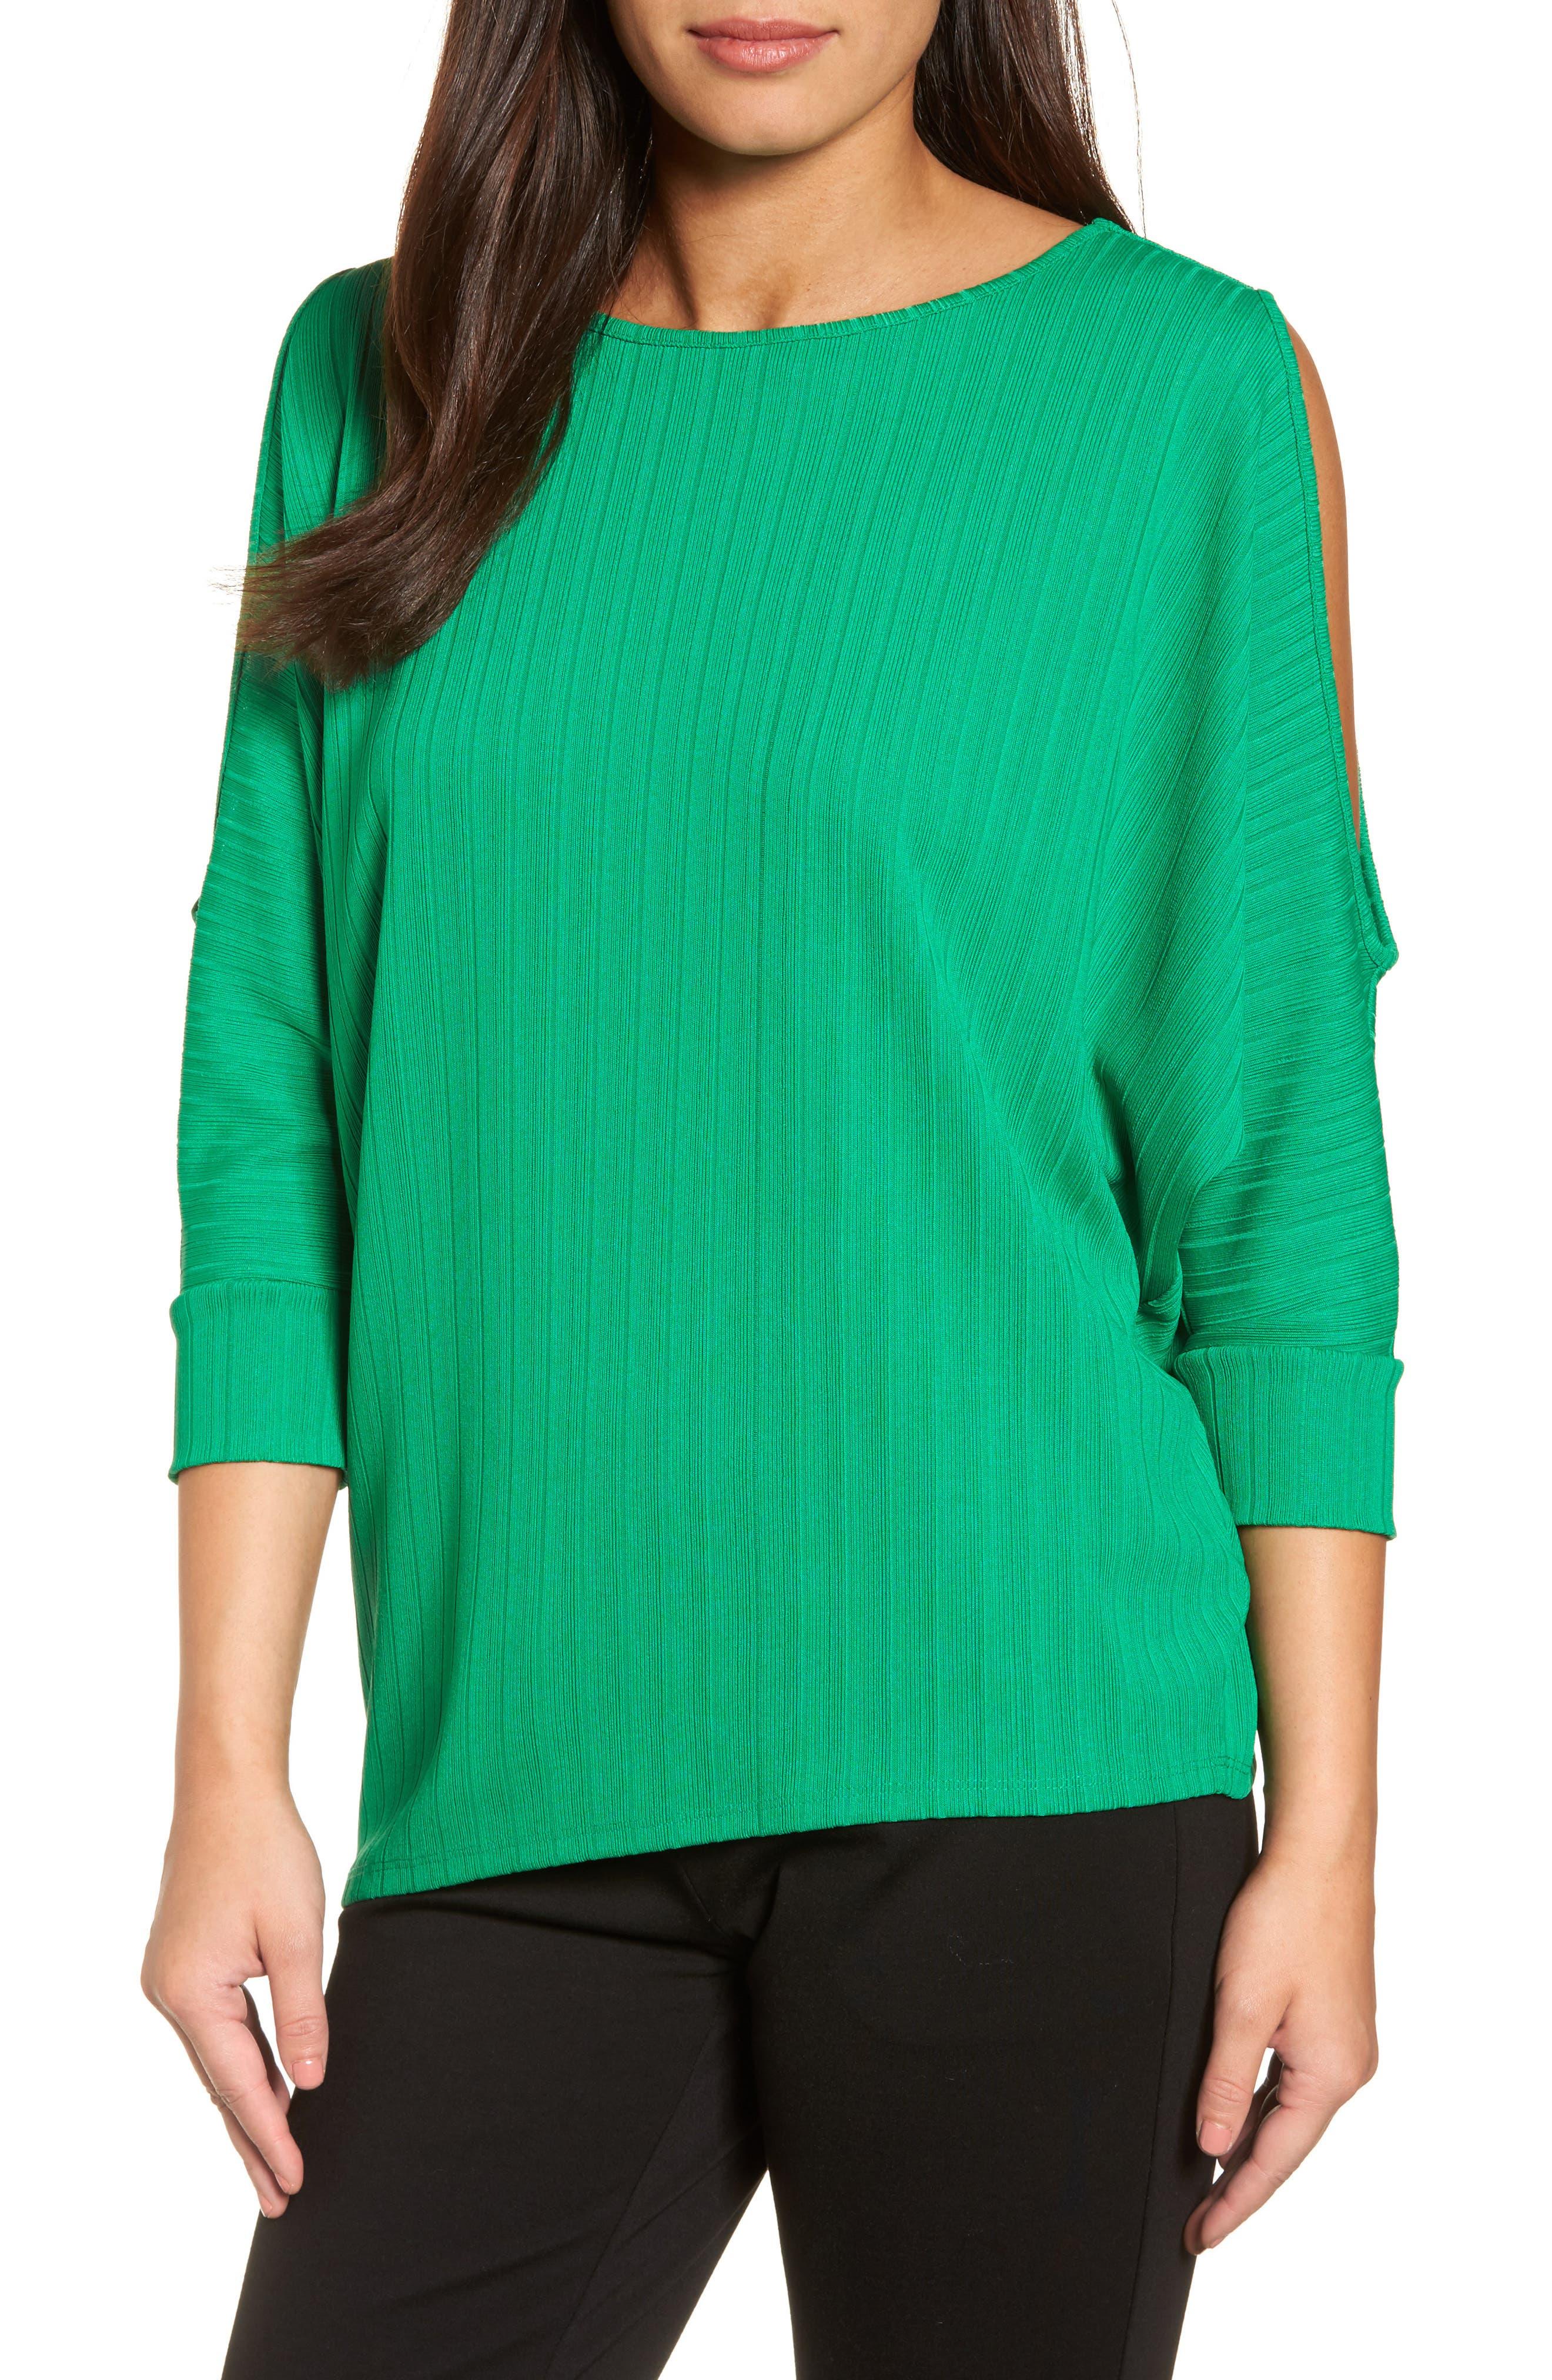 Main Image - Chaus Ribbed Knit Cold Shoulder Top